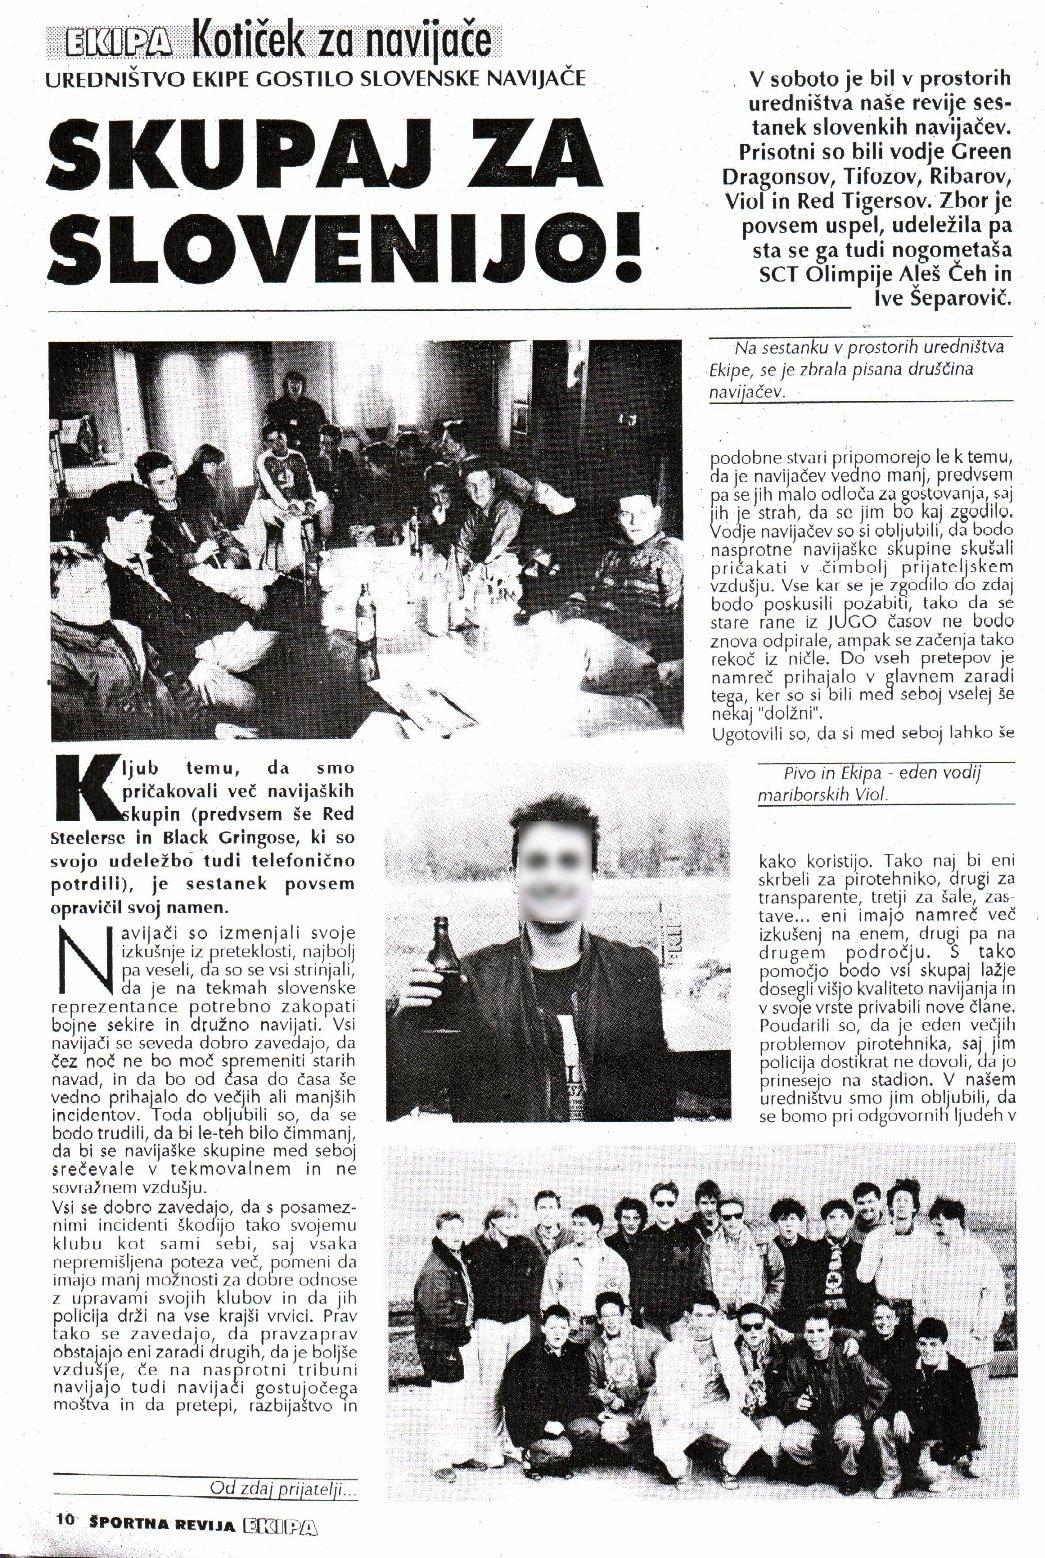 KZN12-1_25_2_1992